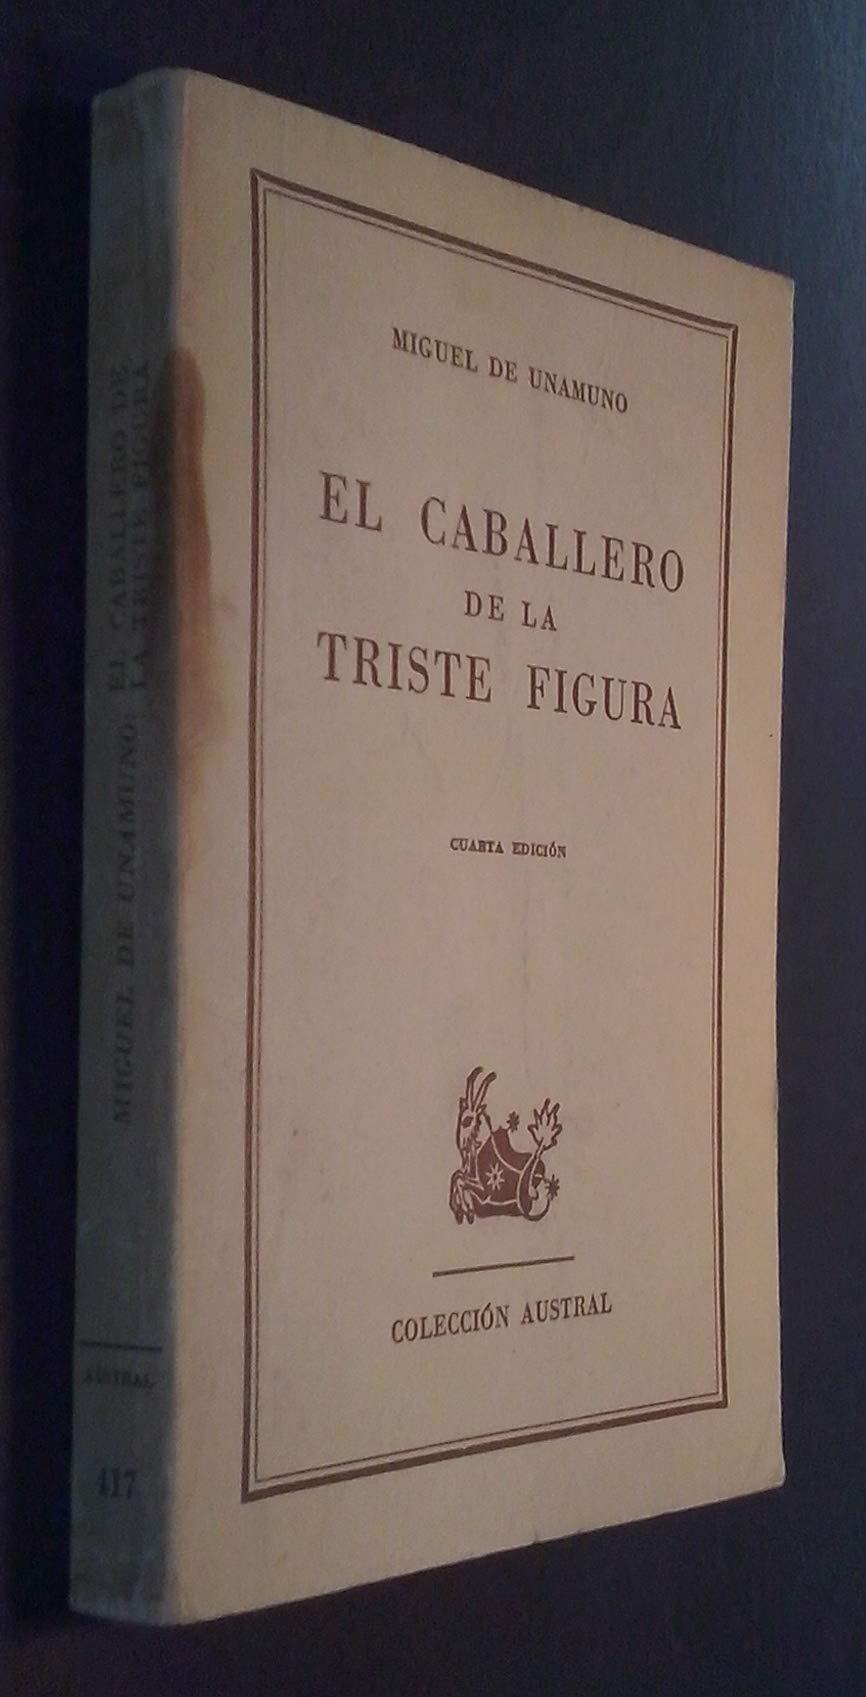 El caballero de la triste figura La enseñanza del latín en España - La regen...: Amazon.es: UNAMUNO, Miguel de.-: Libros